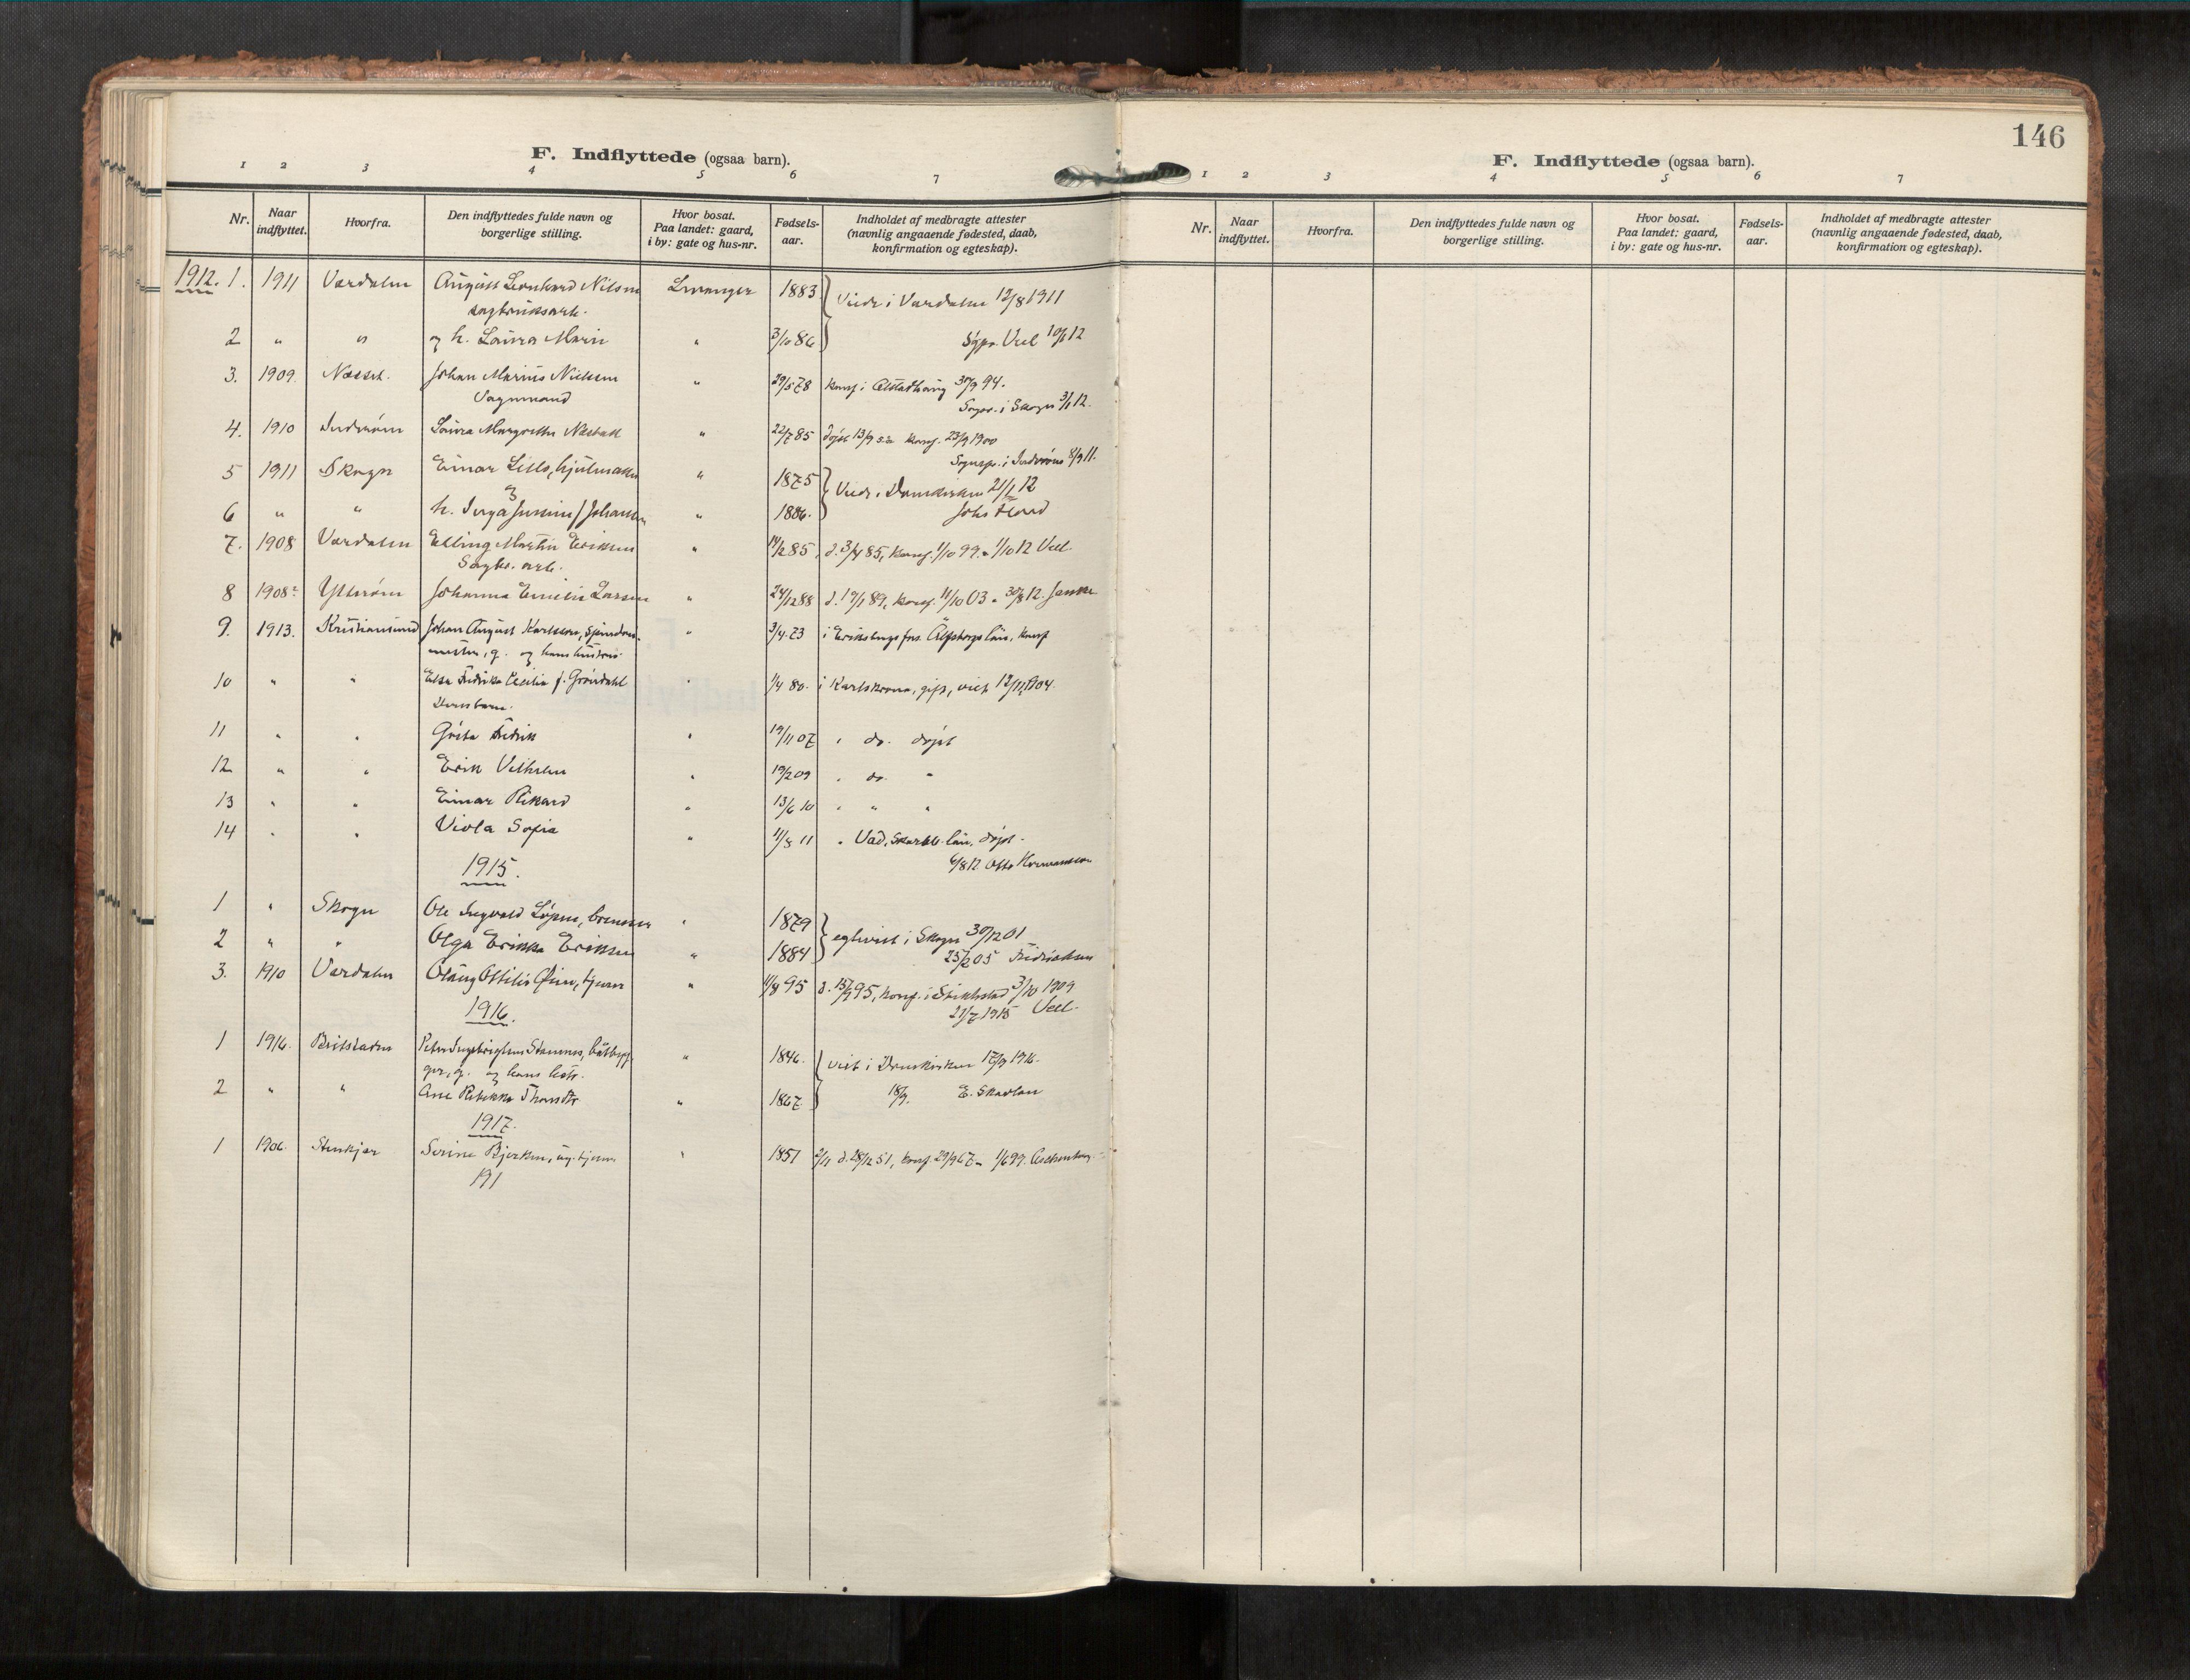 SAT, Levanger sokneprestkontor*, Ministerialbok nr. 1, 1912-1932, s. 146